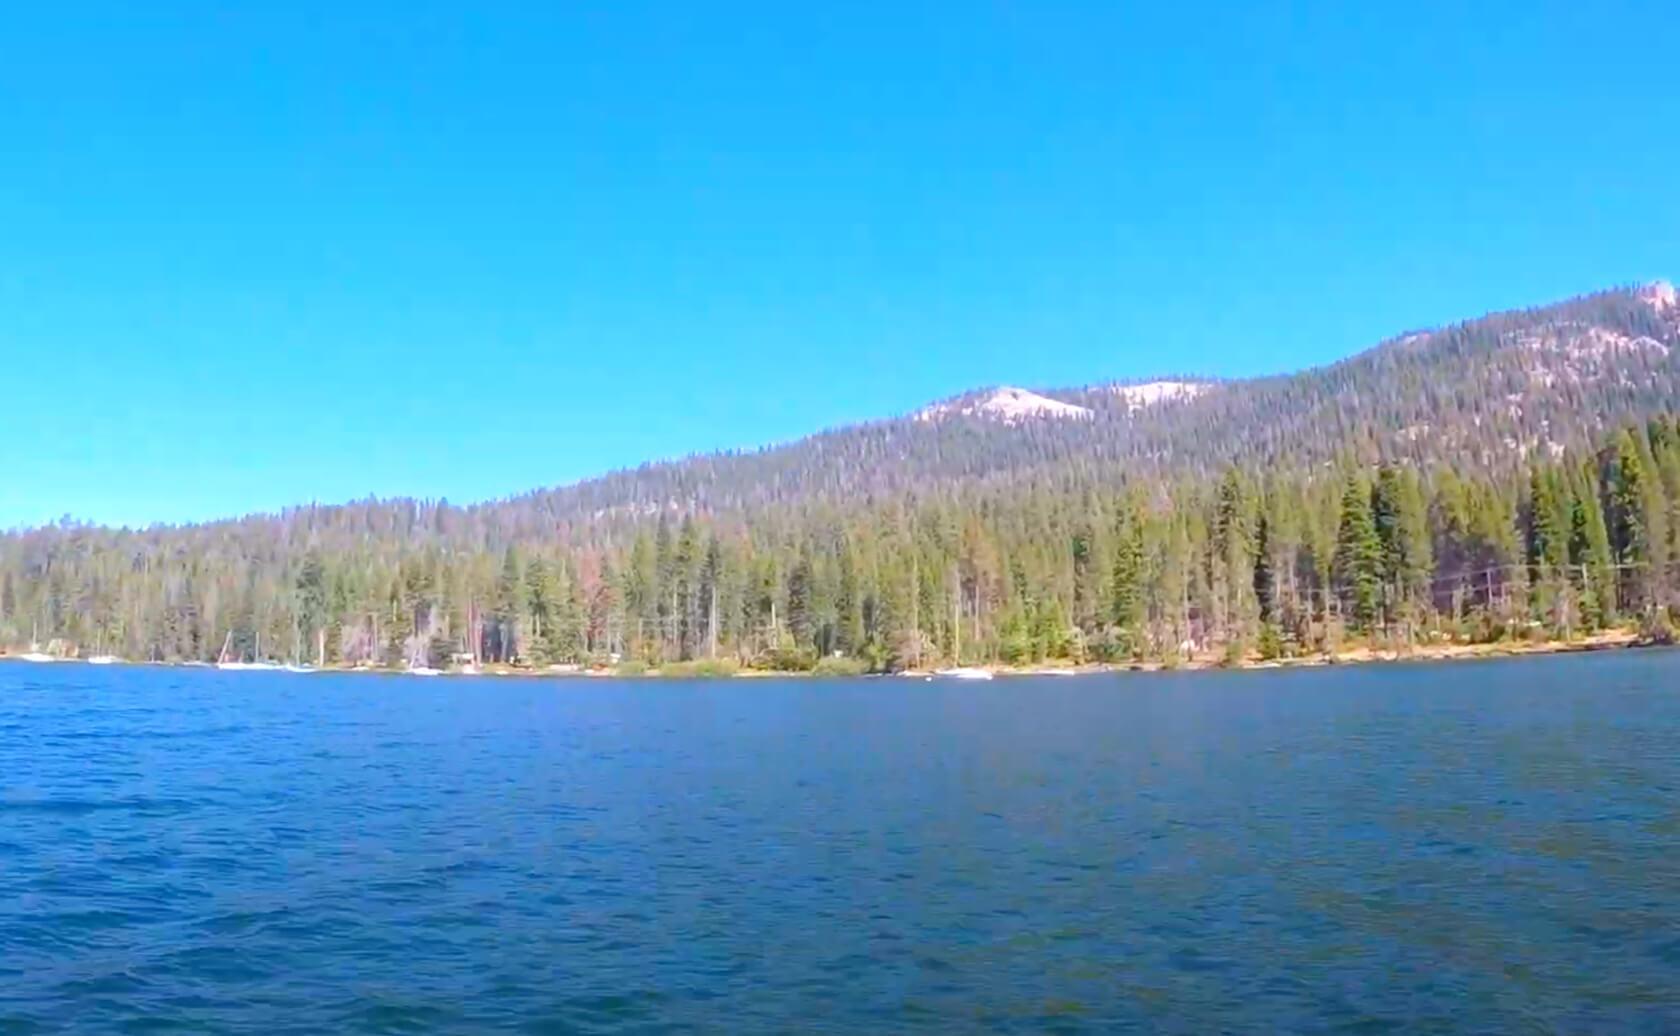 Huntington-Lake-Fishing-Guide-Report-California-06